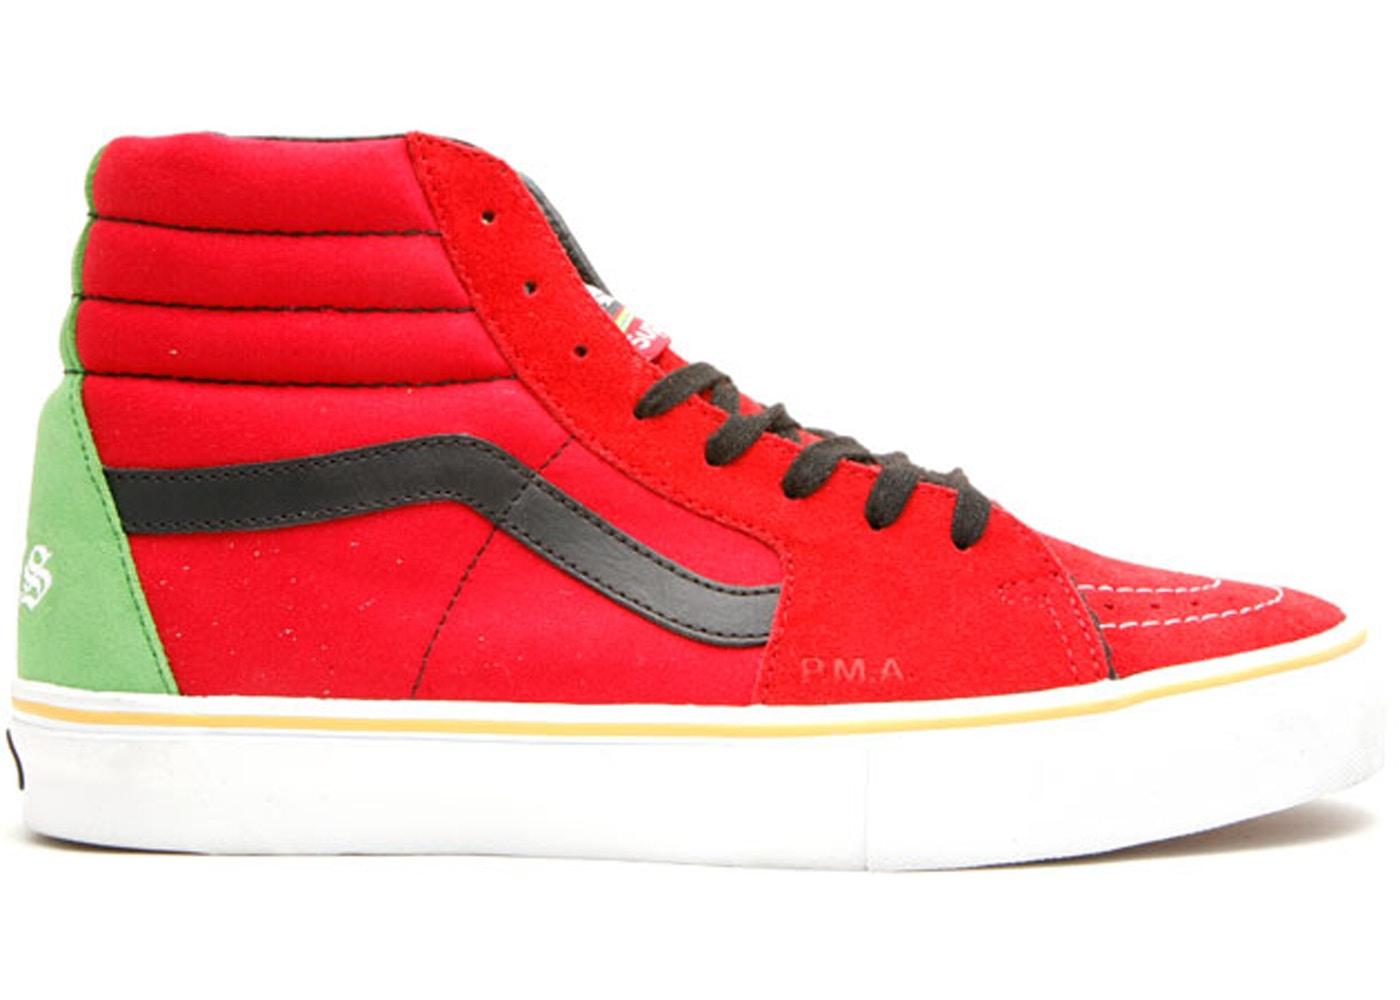 f5afcf4e01 Vans Sk8-Hi Supreme x Bad Brains Red - VN0FWQ2W7